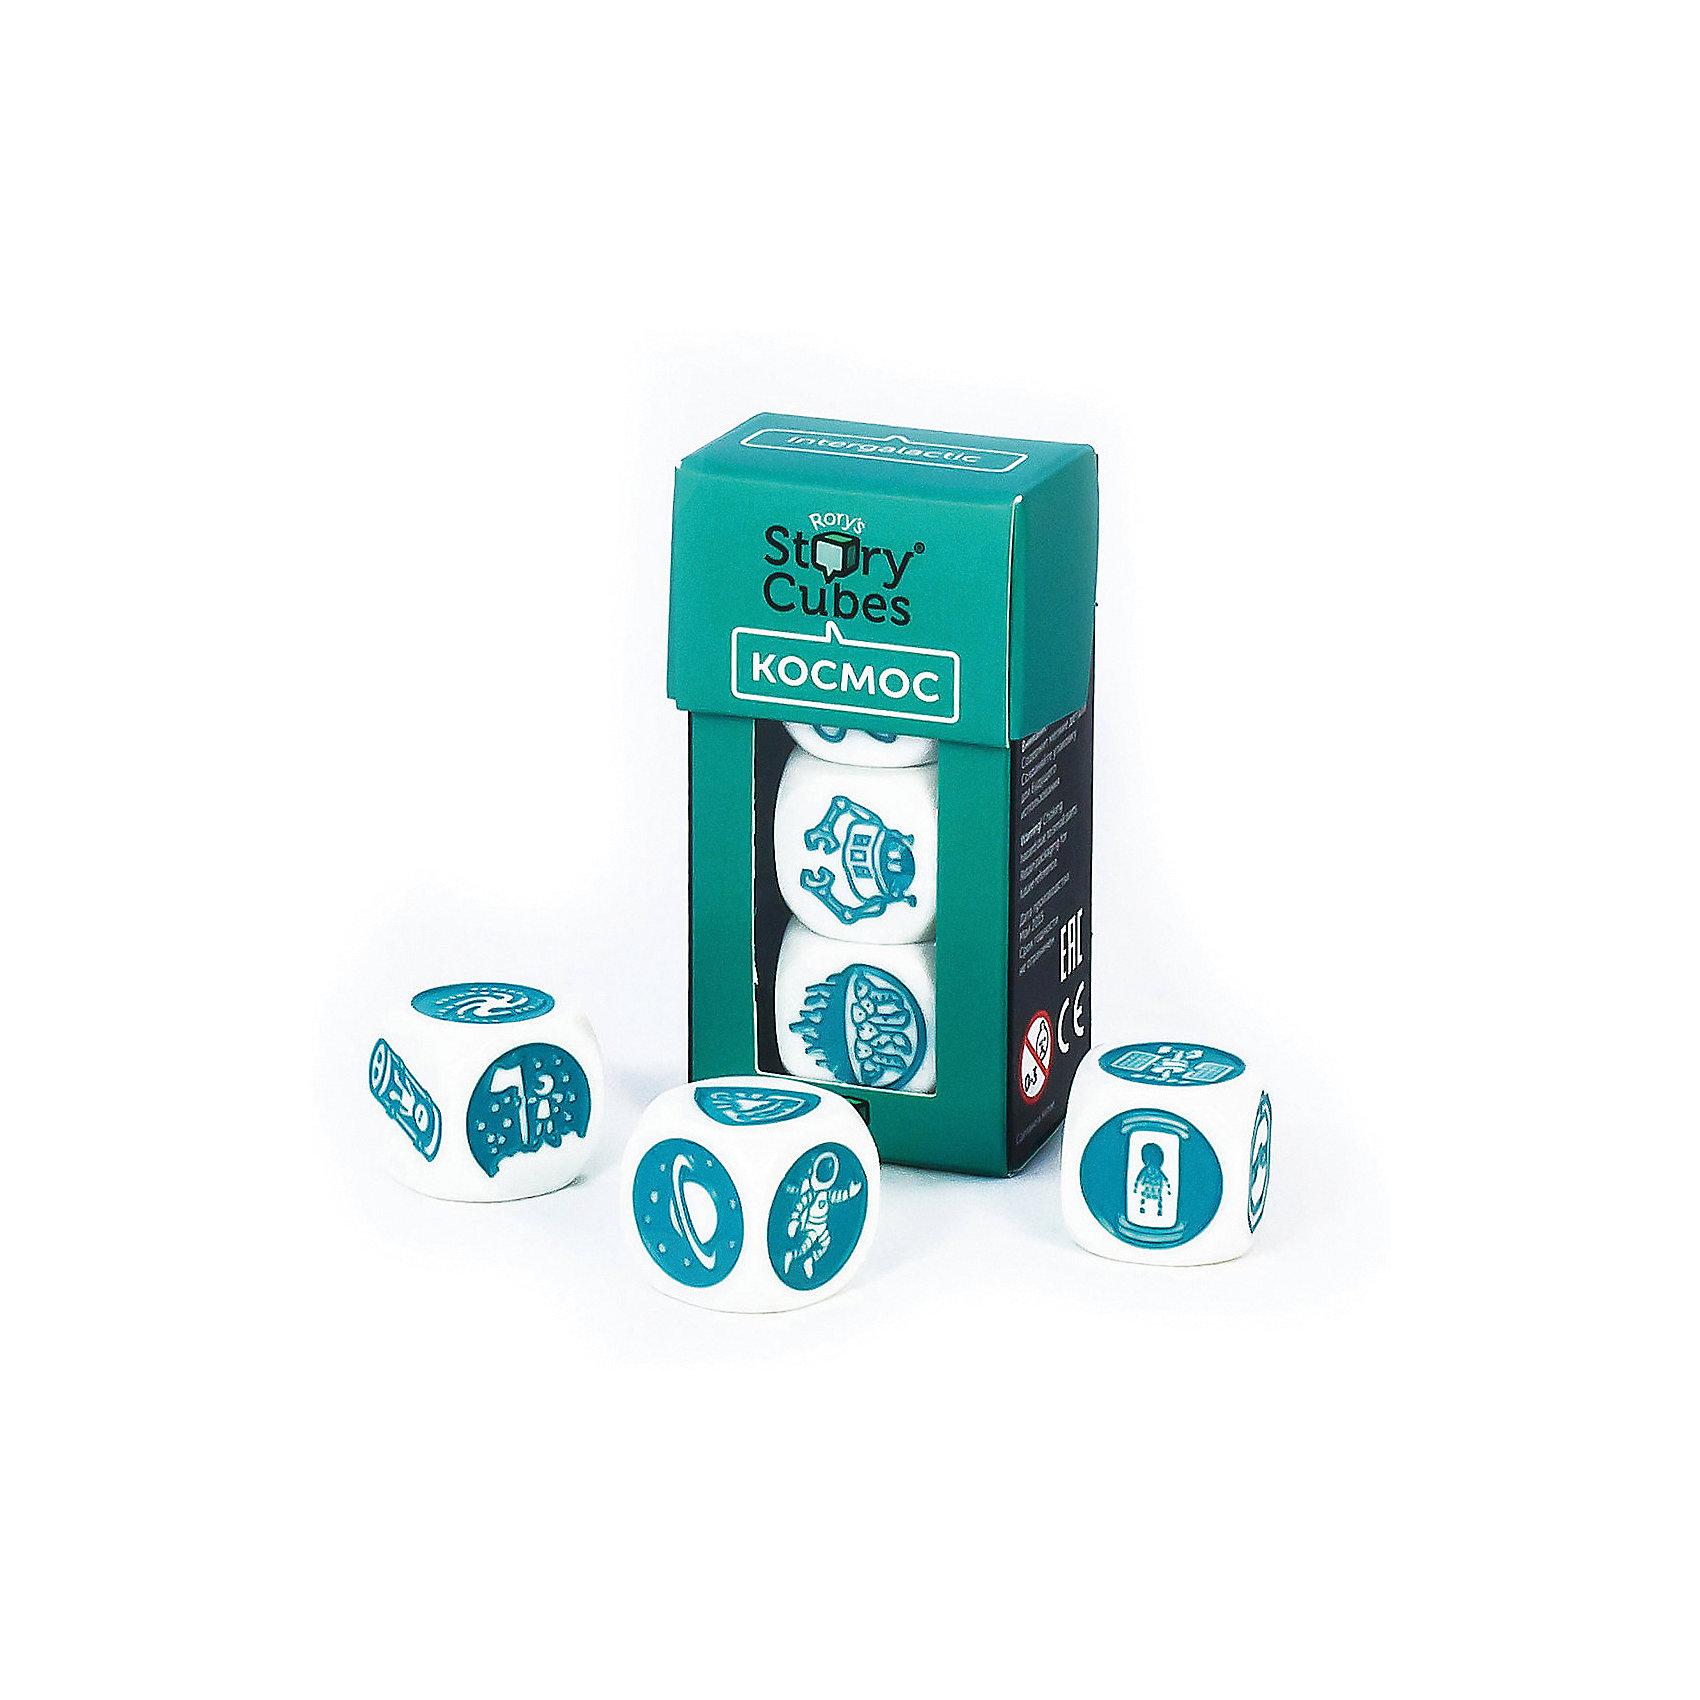 Настольная Игра Кубики Историй, доп. Набор КОСМОС (3 кубика)Игры в дорогу<br>Характеристики:<br><br>• возраст: от 6 лет;<br>• сложность игры: средний уровень;<br>• материал: картон, пластик;<br>• количество игроков: 2-6;<br>• время игры: 30 мин.;<br>• вес упаковки: 40 г.;<br>• тип упаковки: цветная картонная коробка;<br>• размер упаковки: 3х3,5х7 см.<br>  <br>Дополнительные кубики с картинками на тему «Космос» сделают рассказывание историй еще более интересным.<br><br>3 кубика набора «Космос» нужно добавить в основной набор Кубиков Историй, убрав при этом 3 других кубика. Либо, можно собрать свой собственный набор из 9 кубиков, состоящий из 3 мини-наборов.<br><br>Кубики Историй помогают развитию речи, учат формулировать мысли и продумывать структуру рассказа.        <br> <br> В комплекте: <br>• 3 кубика;<br>• картонная коробочка-контейнер.      <br><br>Настольную игру «Кубики Историй. Дополнительный набор «Космос» (3 кубика)» можно приобрести в нашем интернет-магазине.<br><br>Ширина мм: 35<br>Глубина мм: 30<br>Высота мм: 75<br>Вес г: 50<br>Возраст от месяцев: 36<br>Возраст до месяцев: 2147483647<br>Пол: Унисекс<br>Возраст: Детский<br>SKU: 7029013